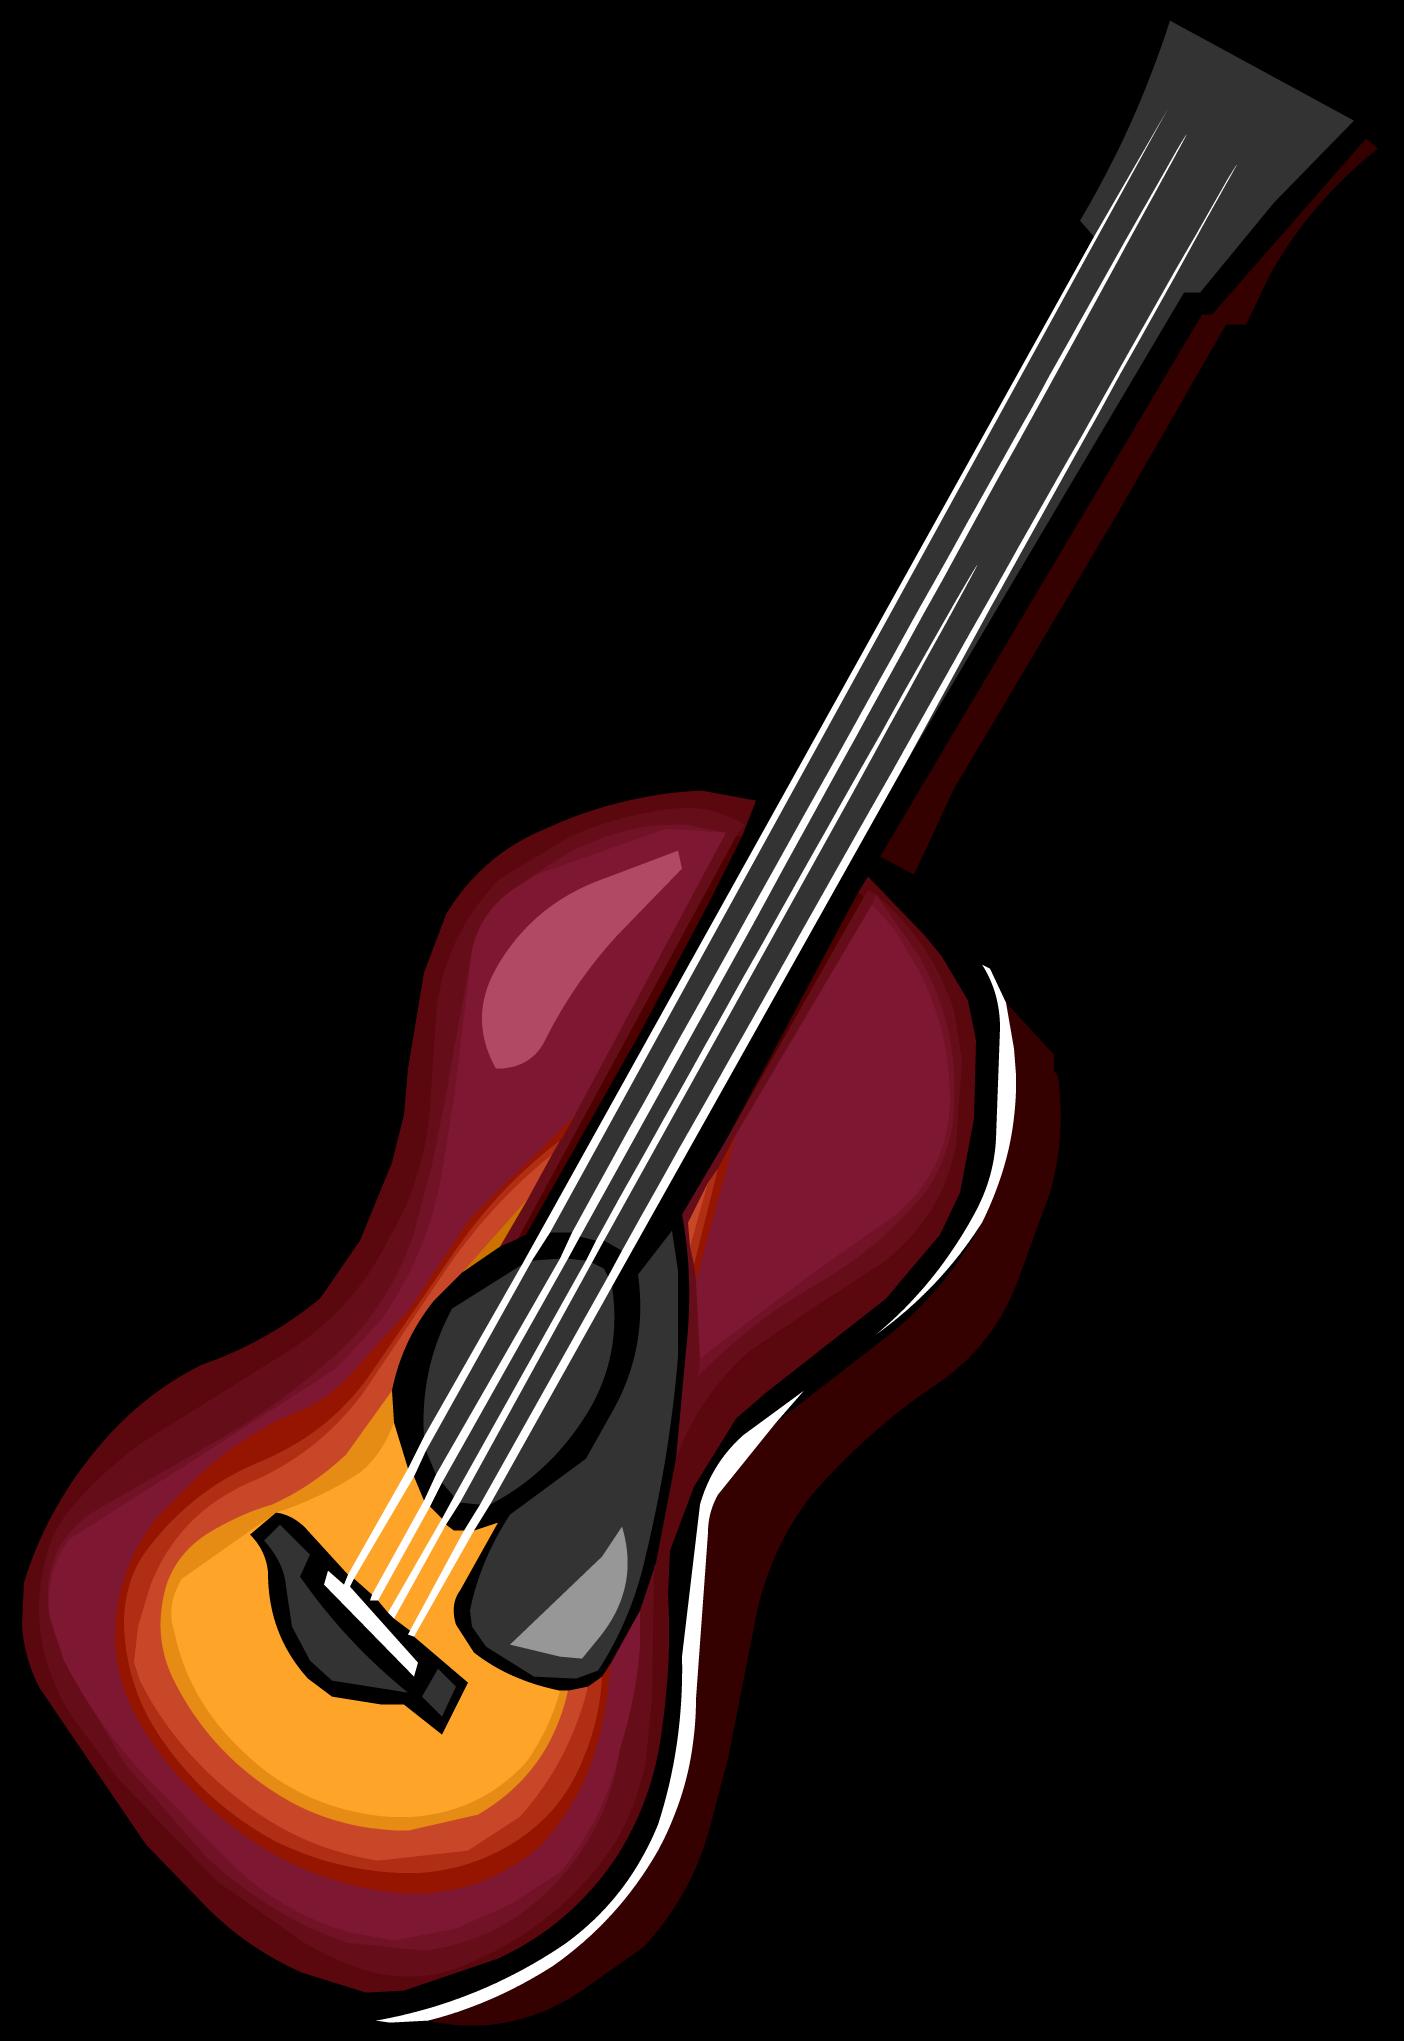 Acoustic sunburst club penguin. Clipart guitar cowboy hat